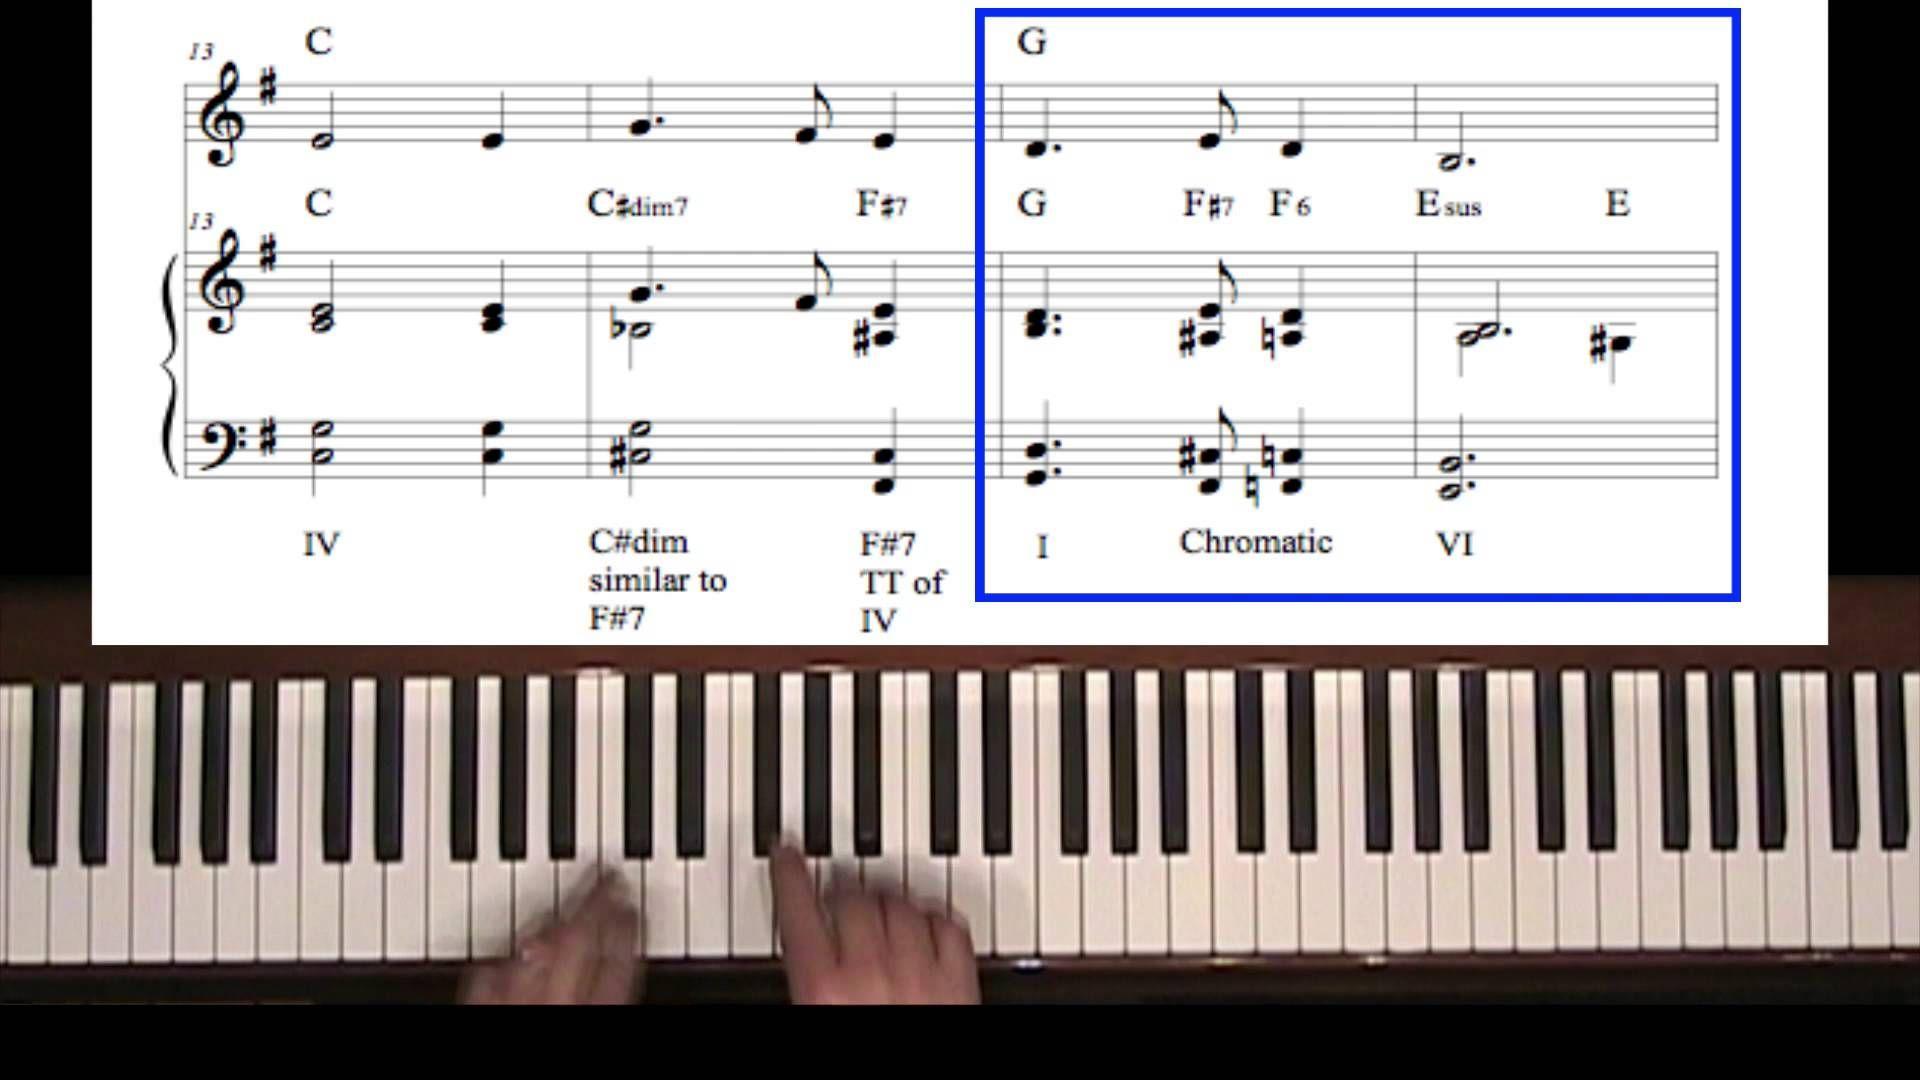 Silent night reharmonization chord substitution piano silent night reharmonization chord substitution hexwebz Choice Image